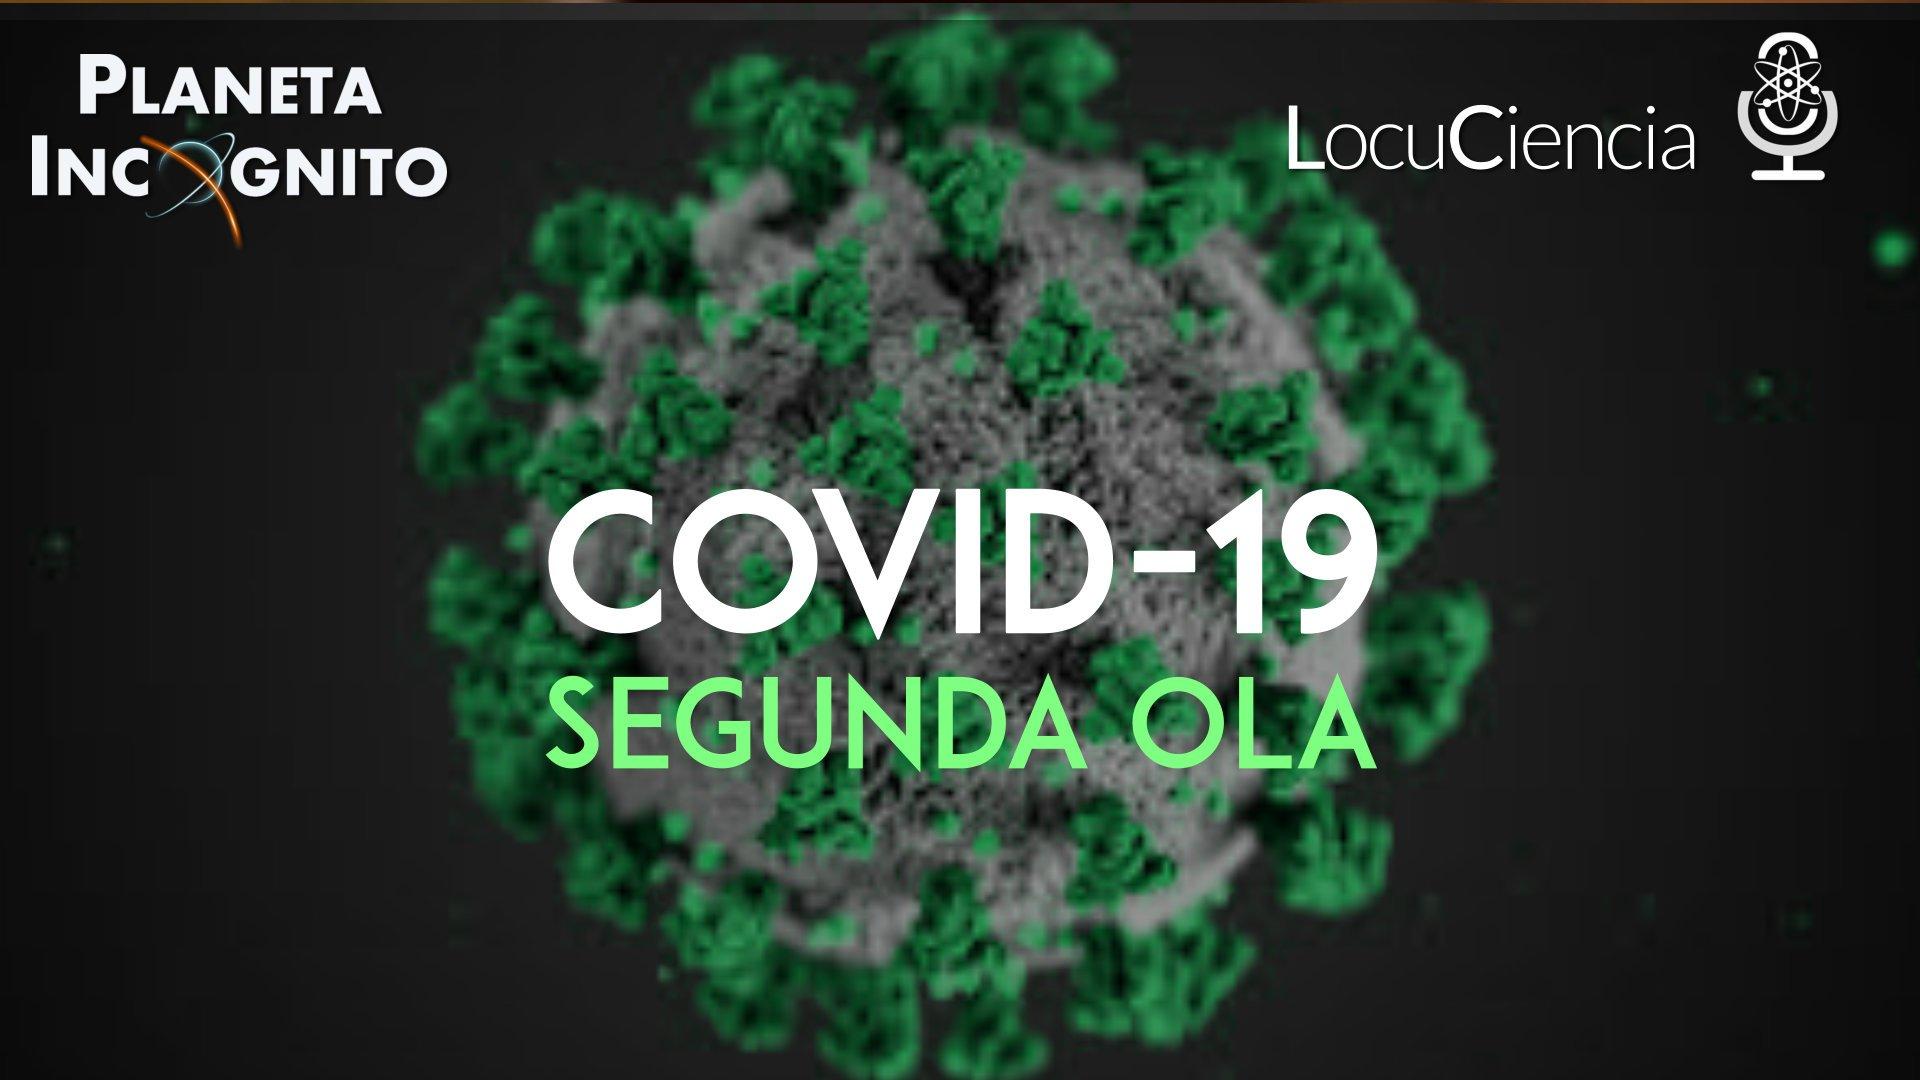 Covid19, Planeta Incógnito